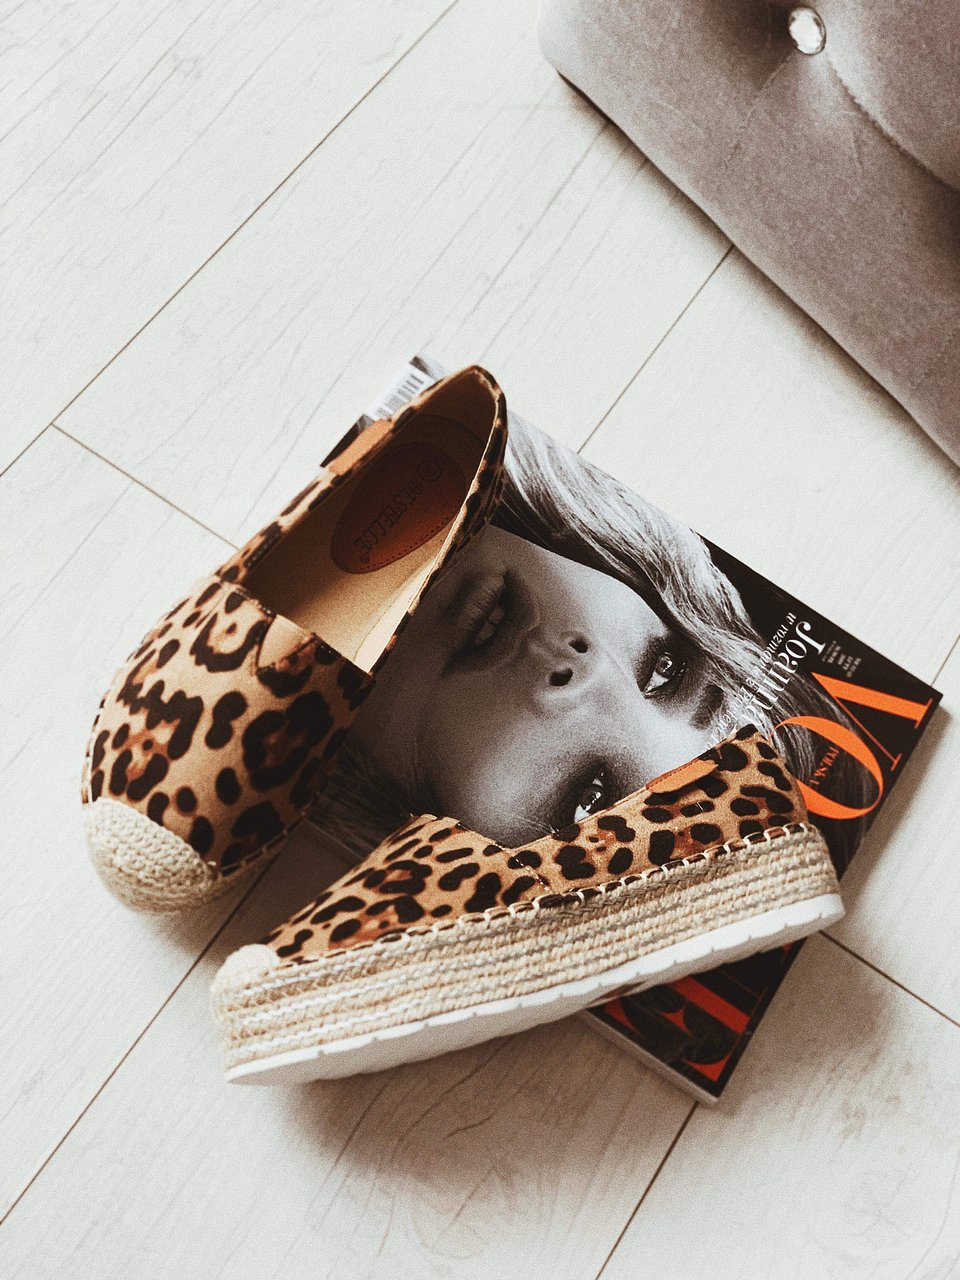 73109d5eee W sklepie internetowym Fancy Shoes znajdziecie wszystkie gorące trendy